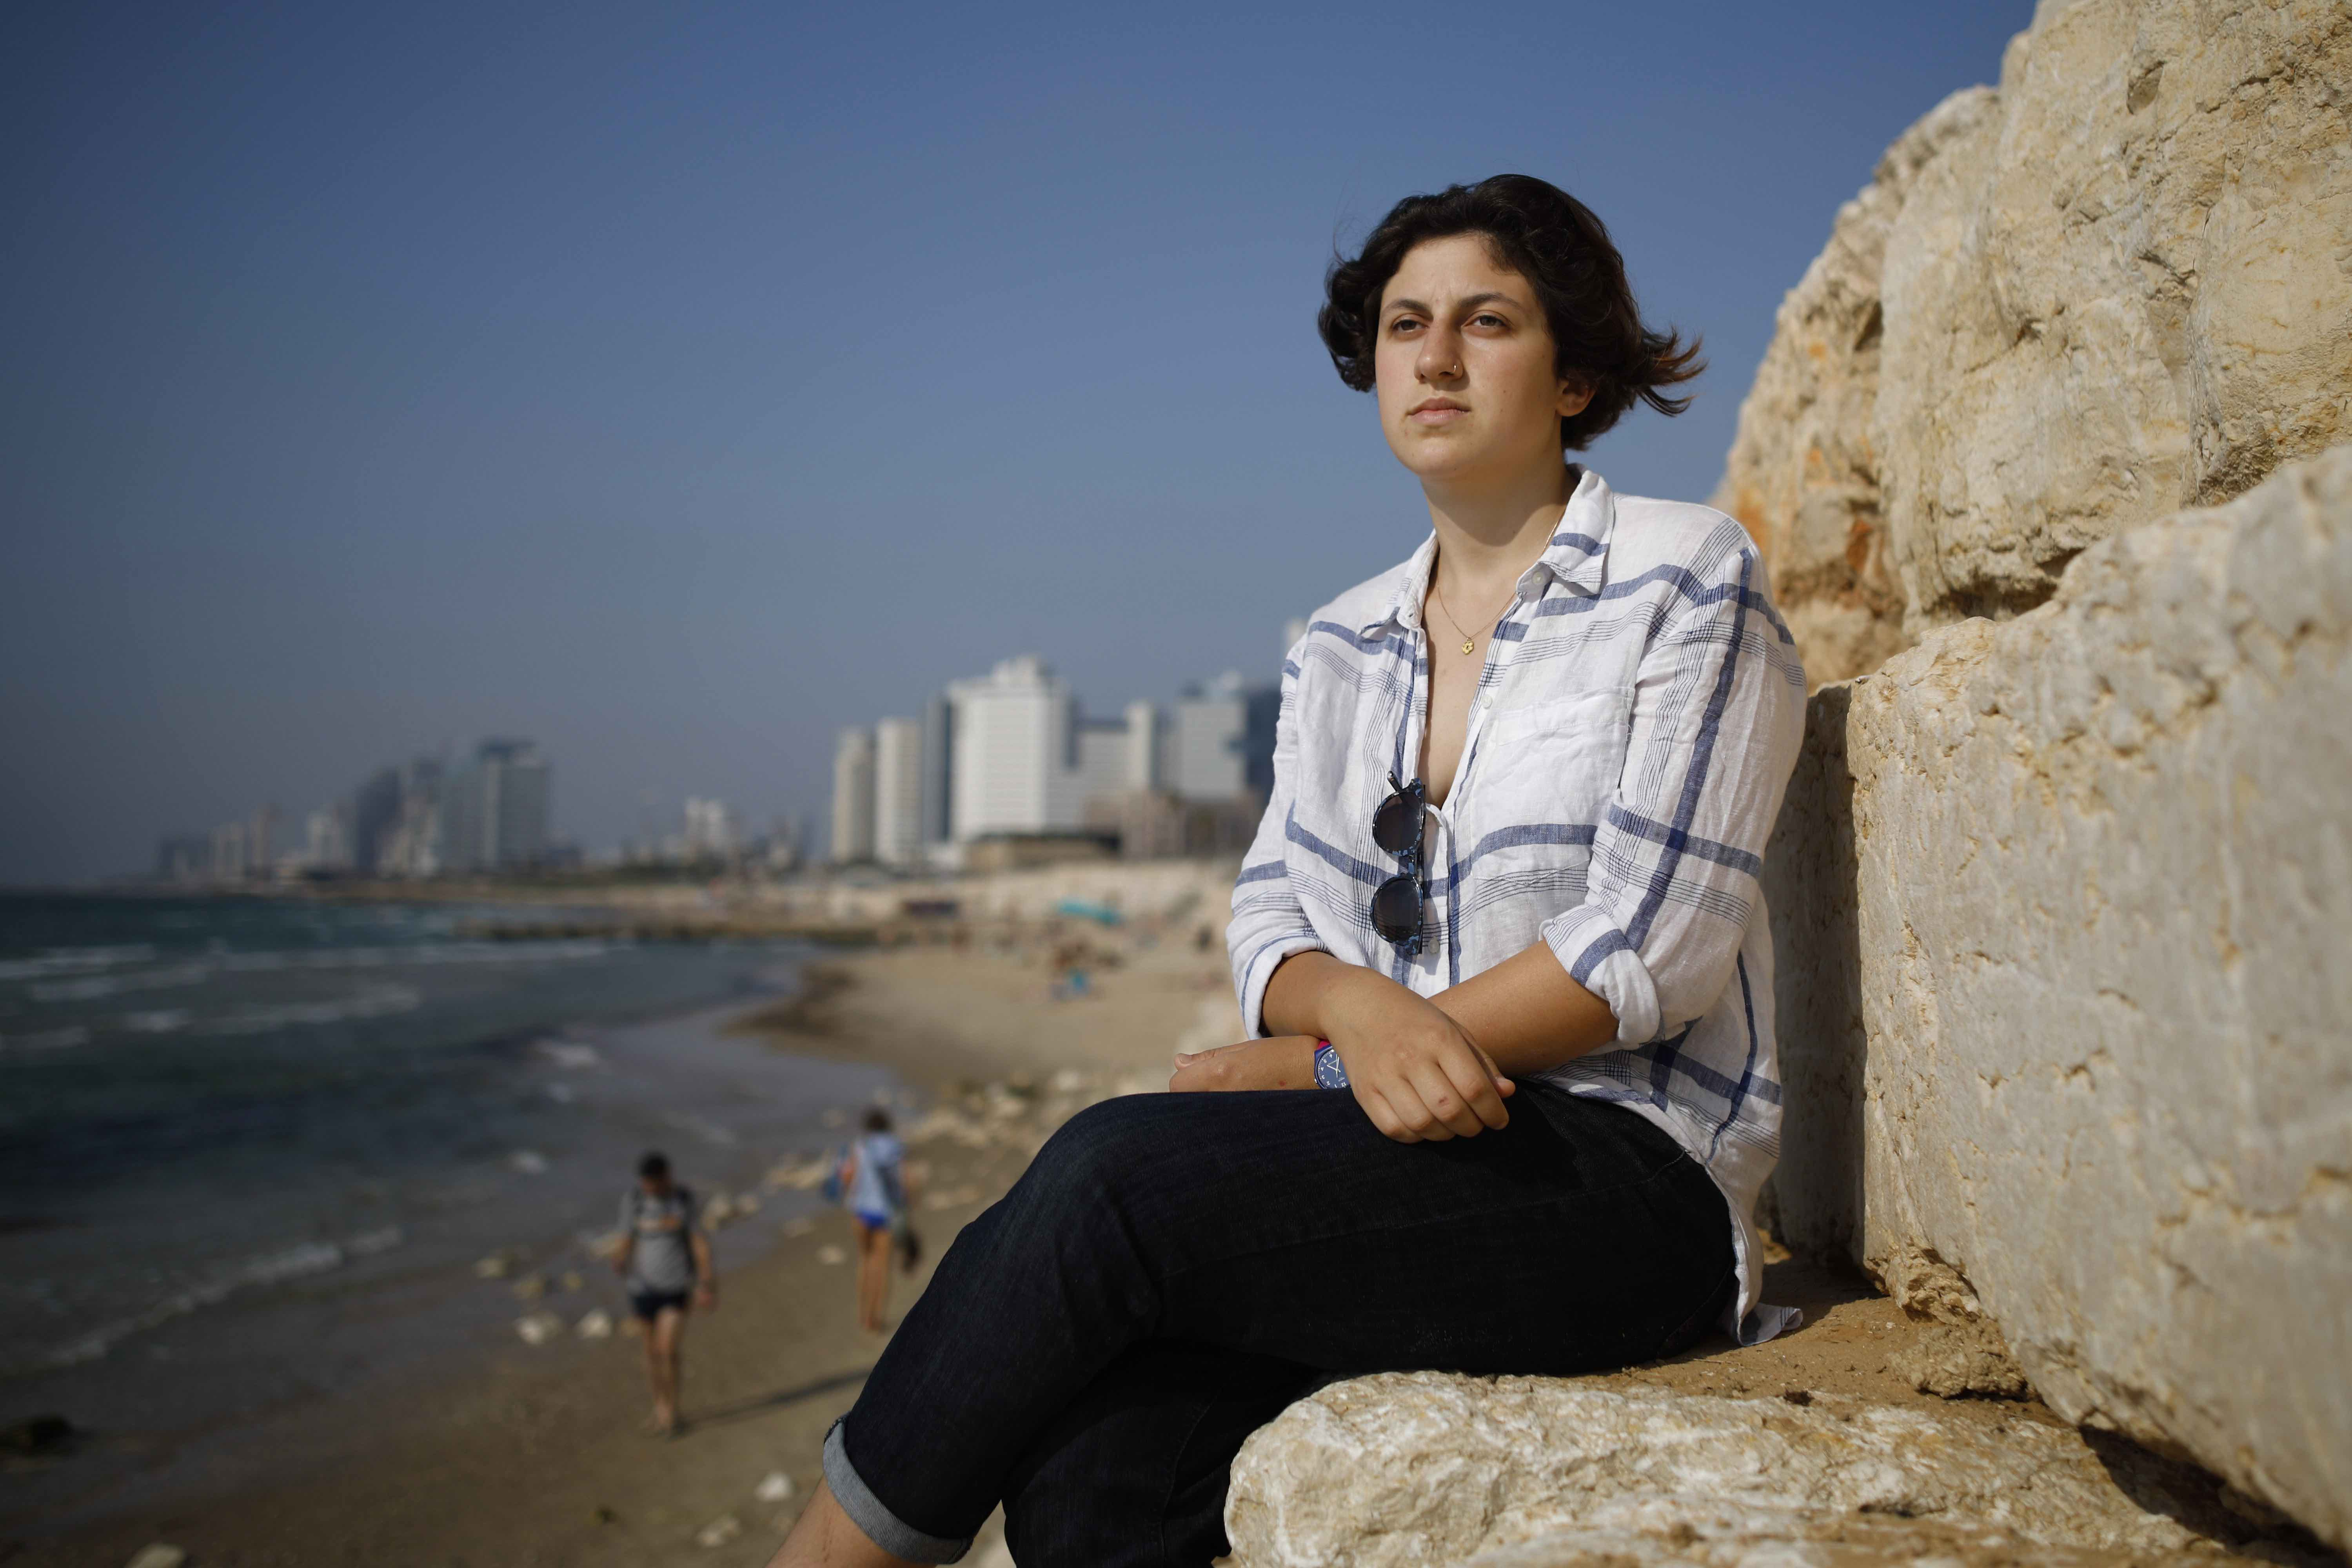 Tamar Zeevi